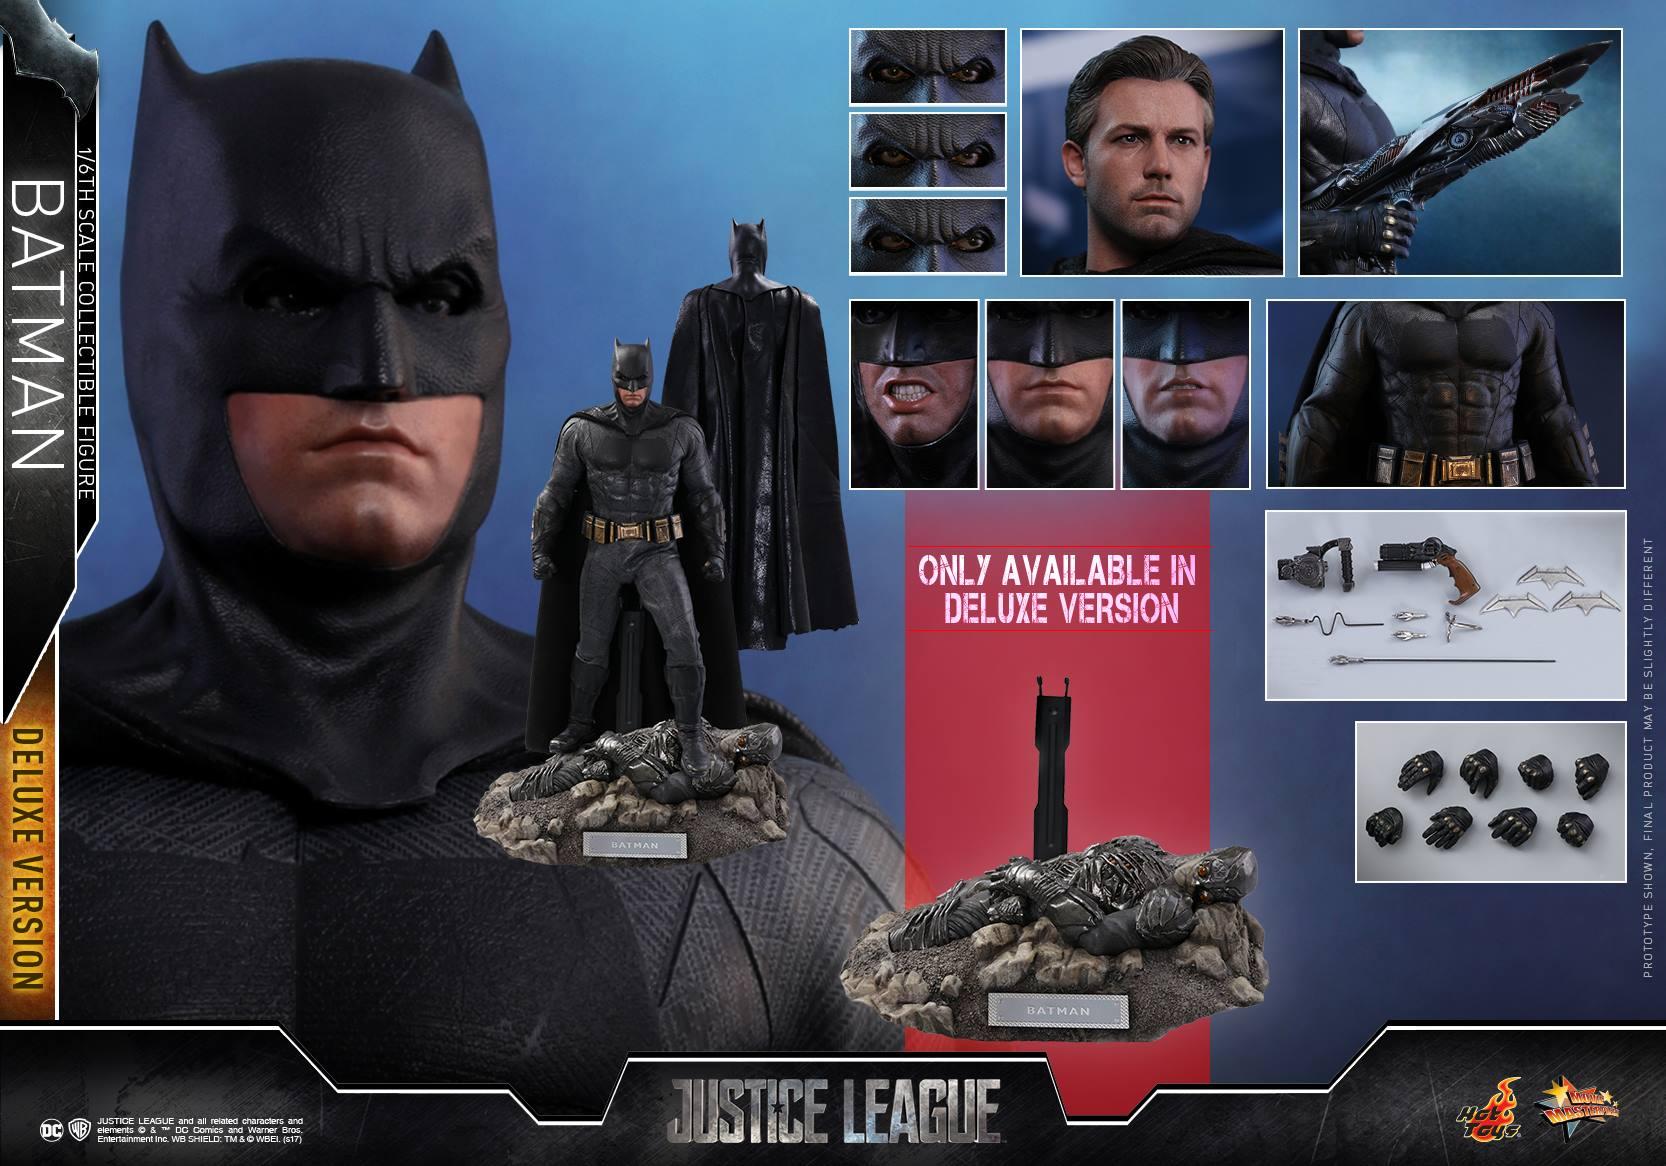 Hot-Toys-Deluxe-Batman-Justice-League-017